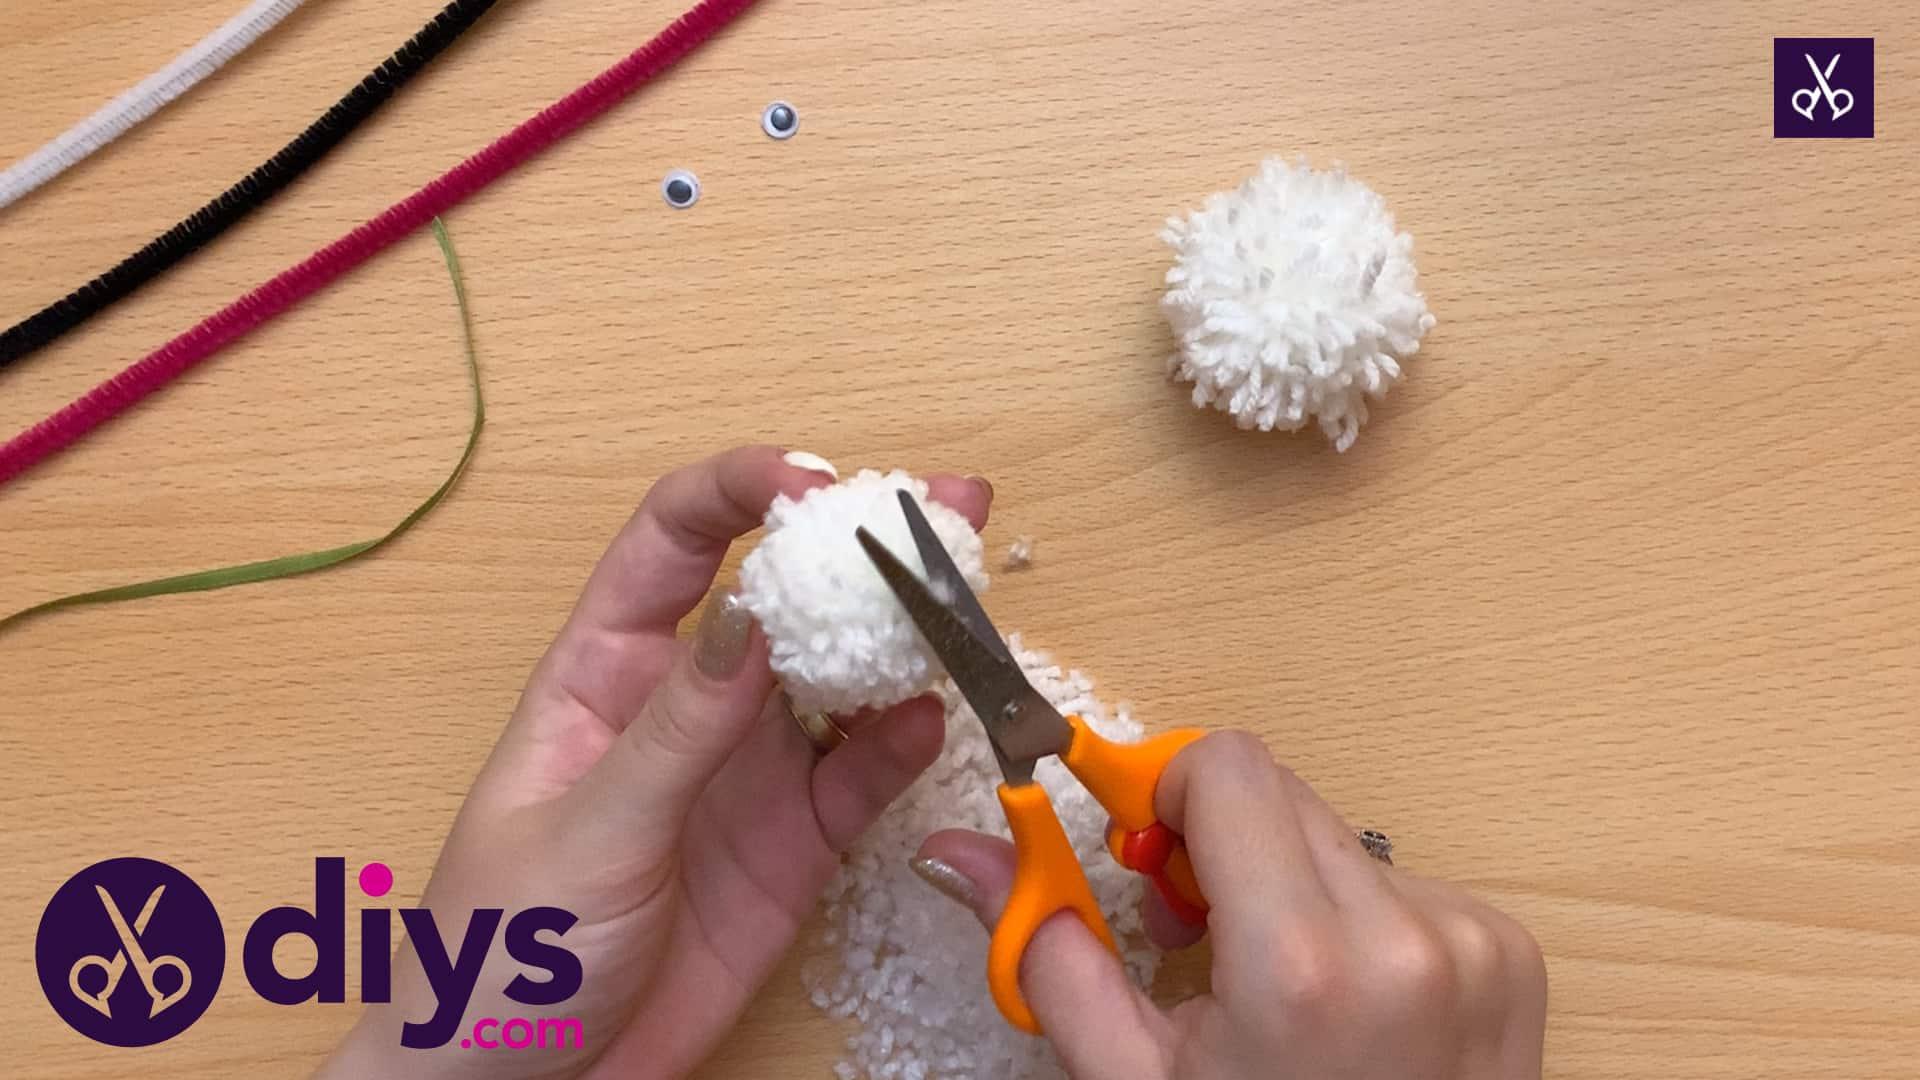 How to make a pom pom rabbit craft